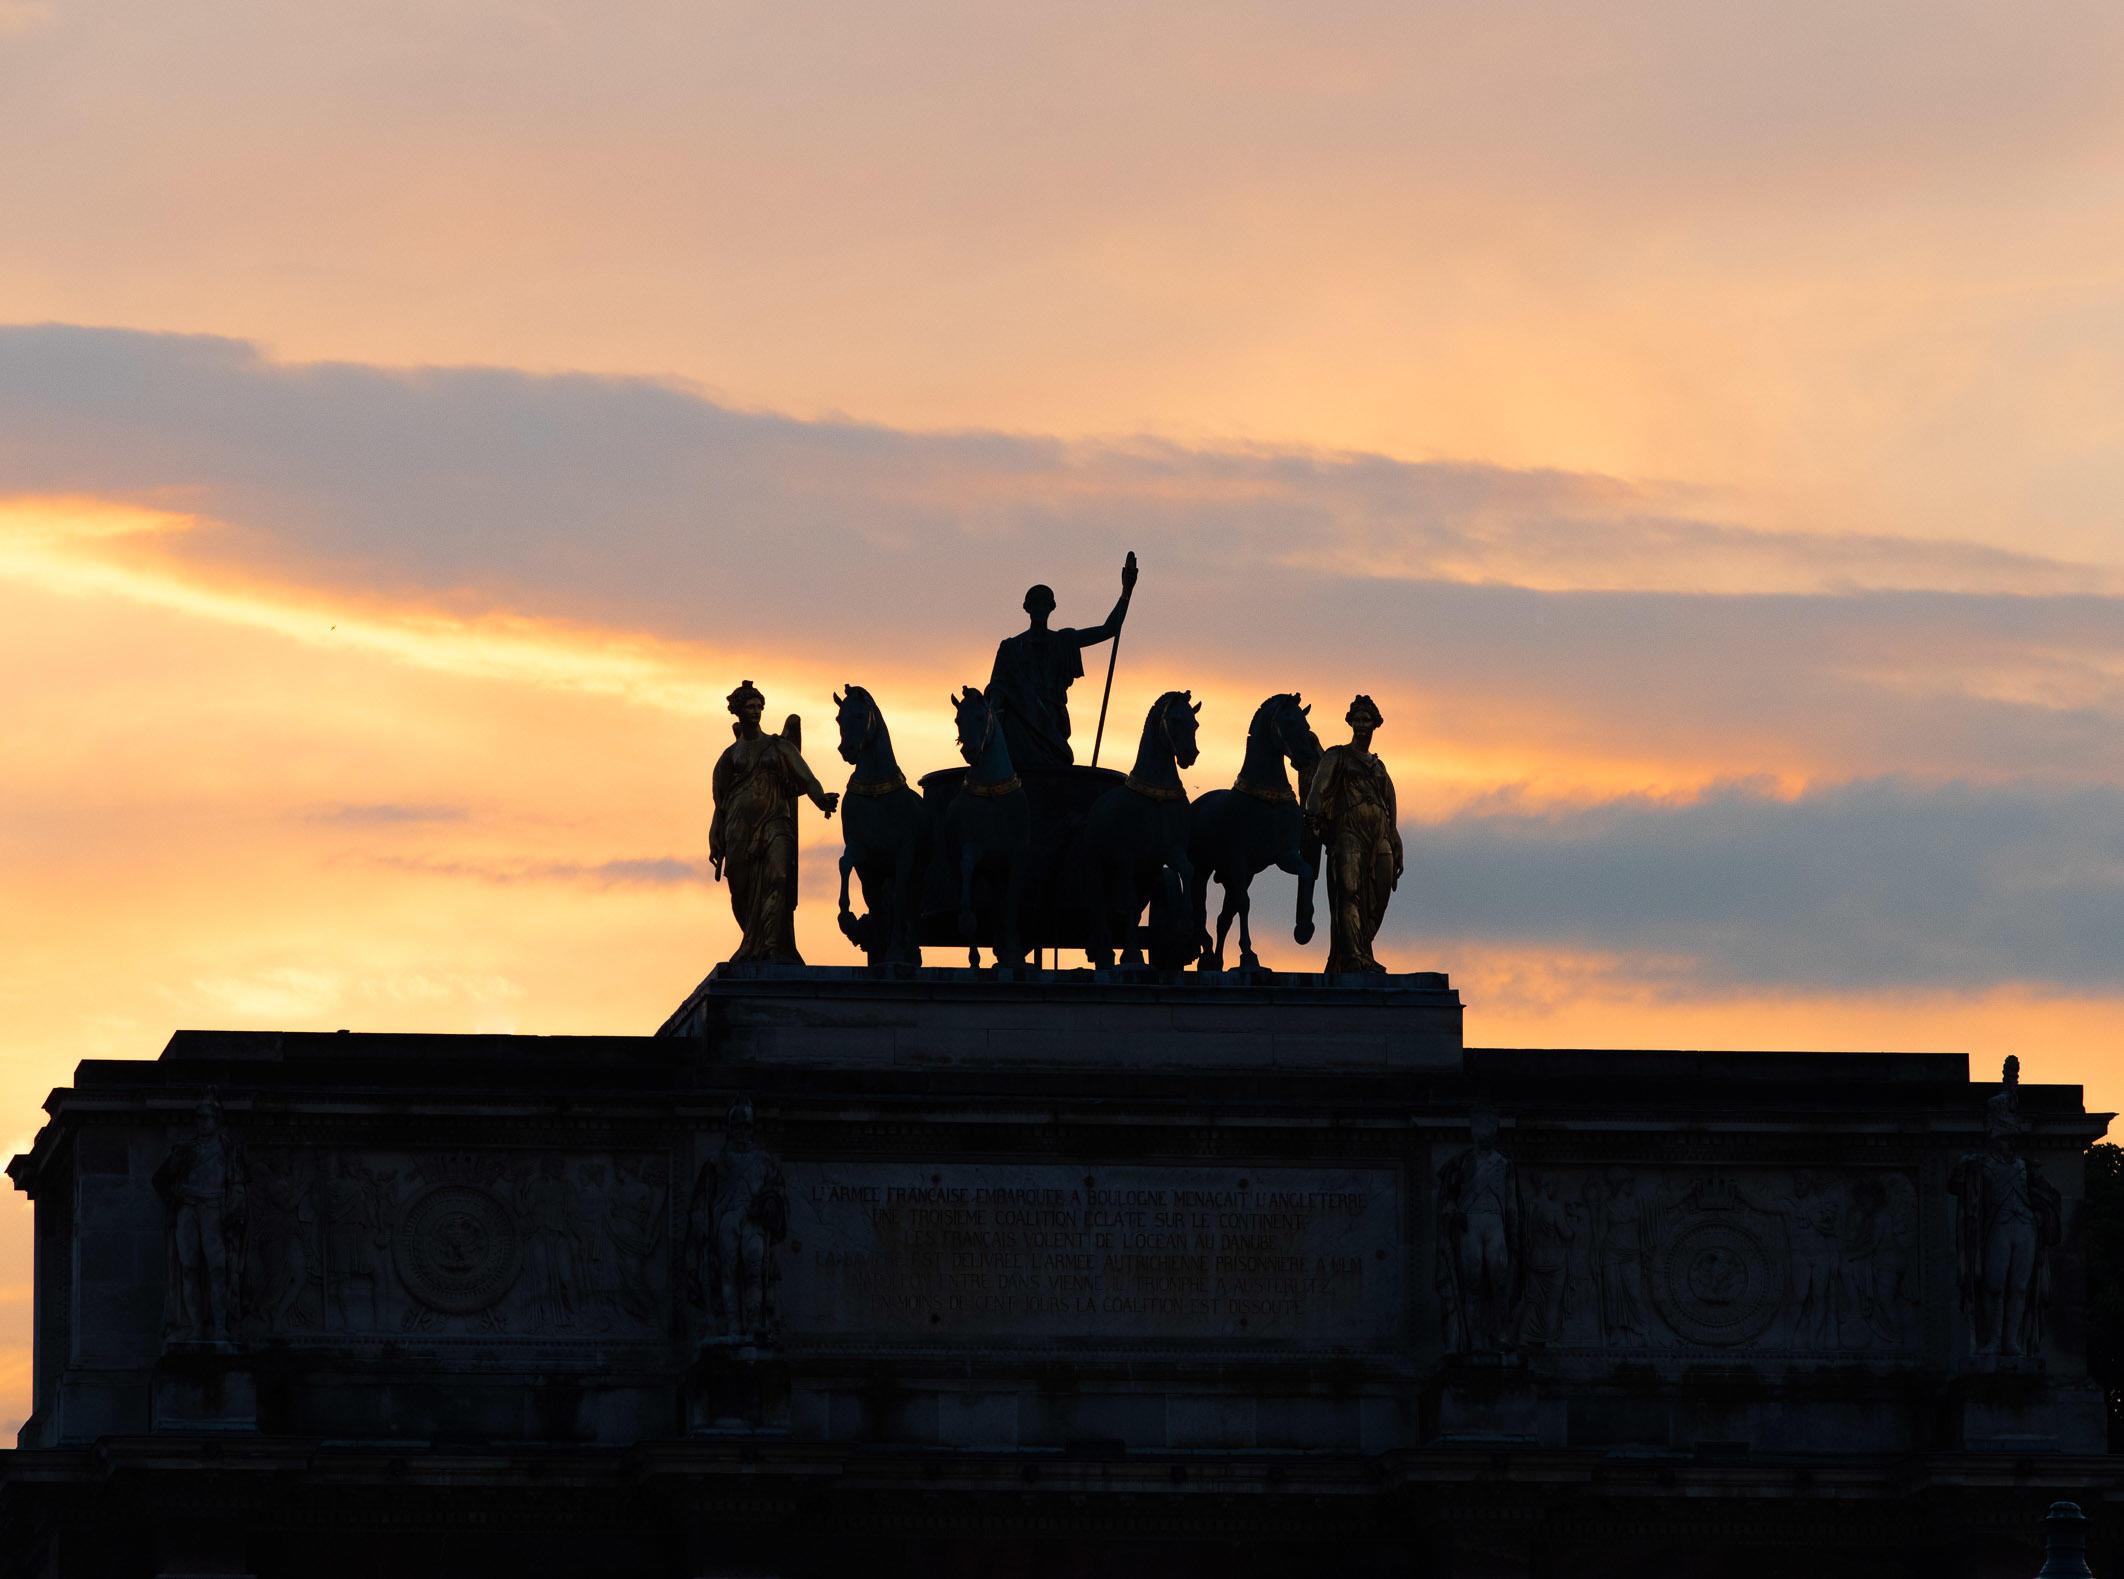 Statue on the Arc de Triomphe du Carrousel, Paris, France